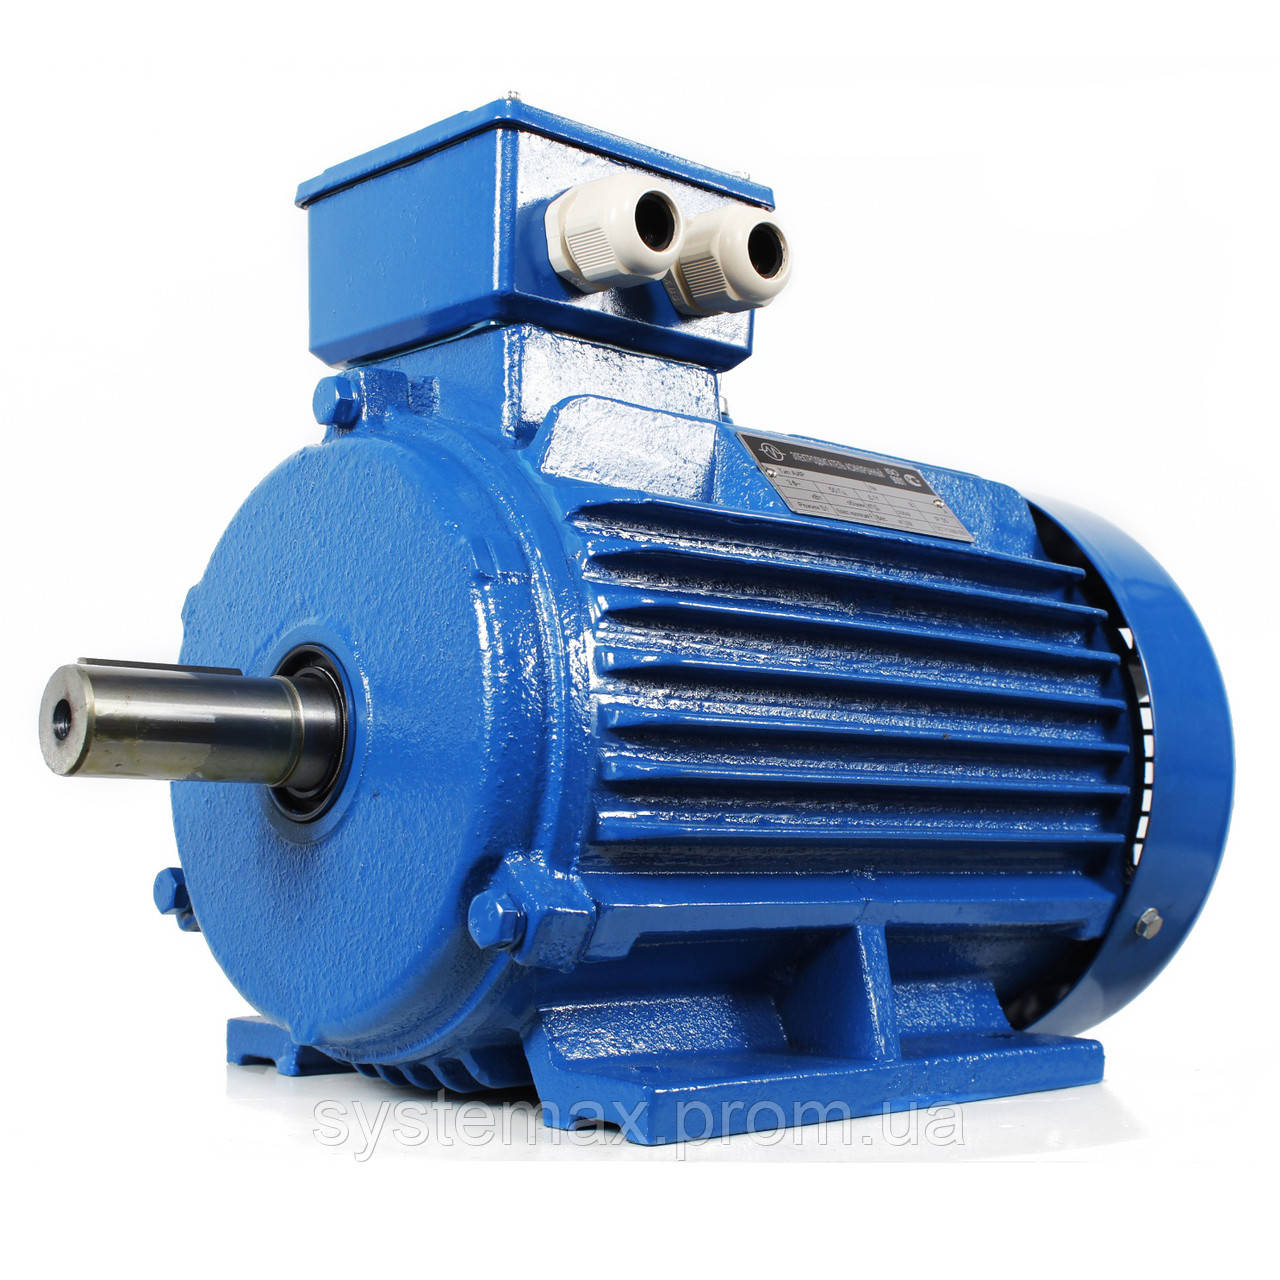 Электродвигатель АИР112МА8 (АИР 112 МА8) 2,2 кВт 750 об/мин